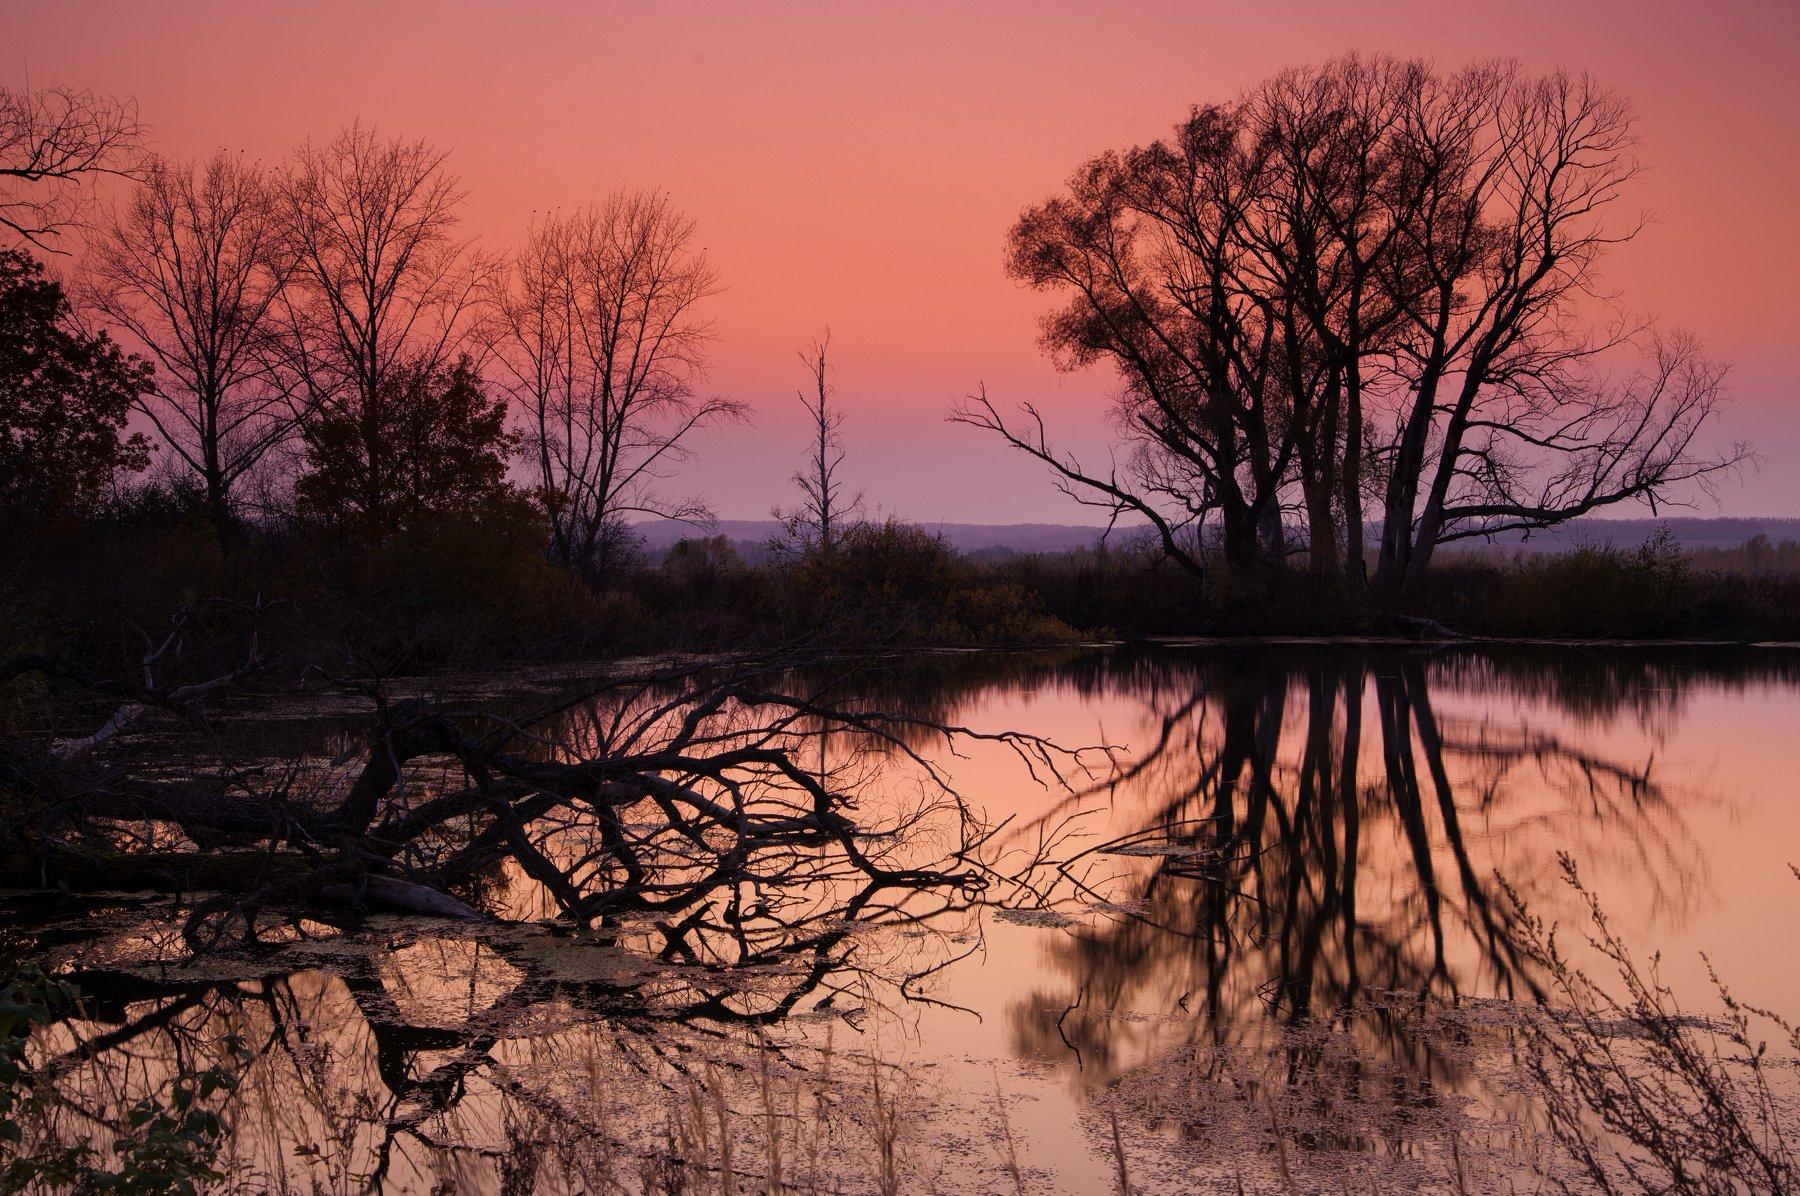 вечер, осень, закат, озеро, отражение, деревья, Иван Куликов